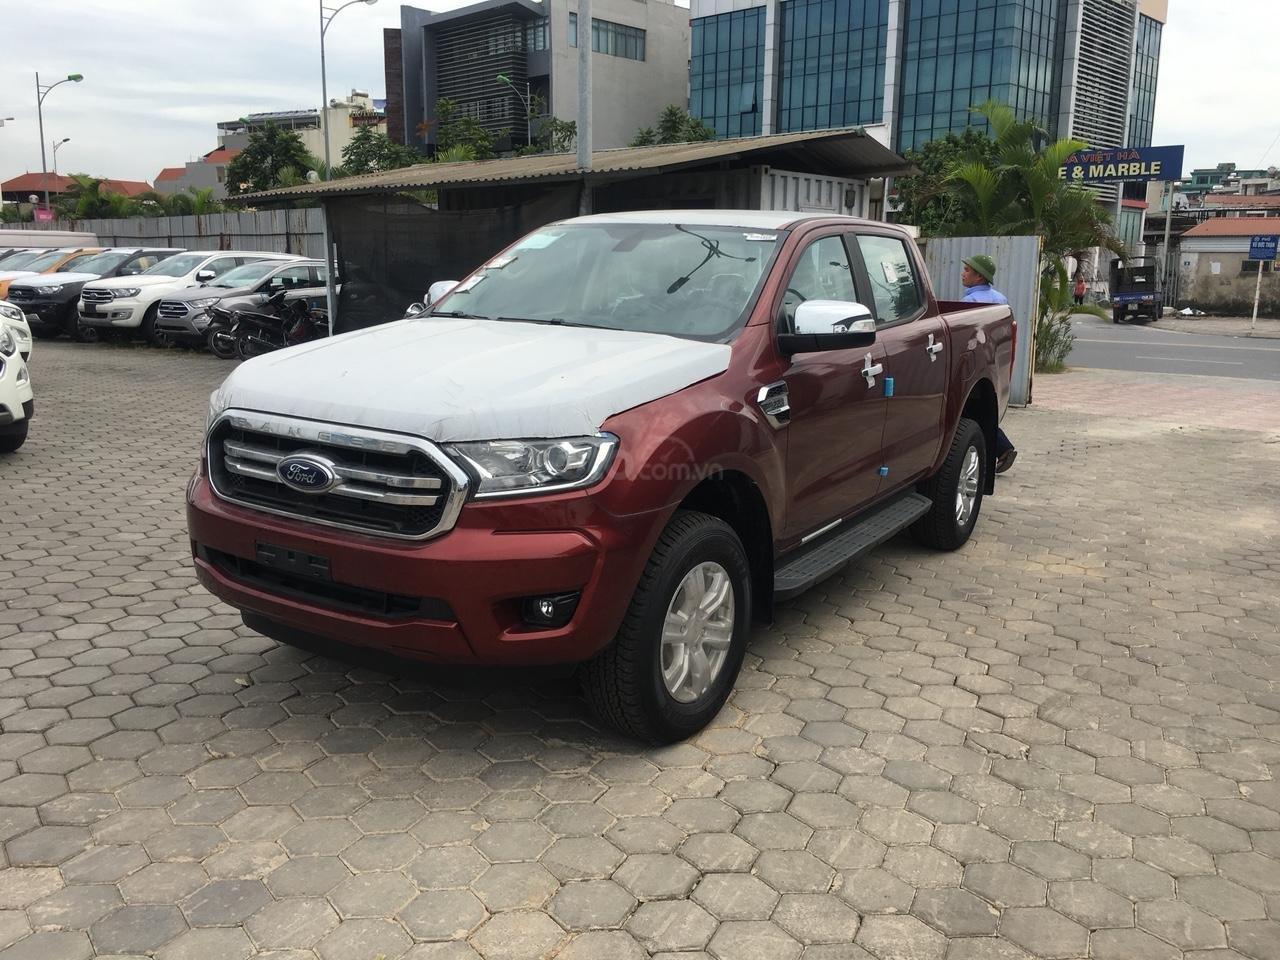 Ford Ranger Wiltrak, XLT, XLS AT, MT mới 100% đủ màu, giao ngay, tặng phụ kiện, hỗ trợ trả góp 90% - LH: 0974.21.9999-0